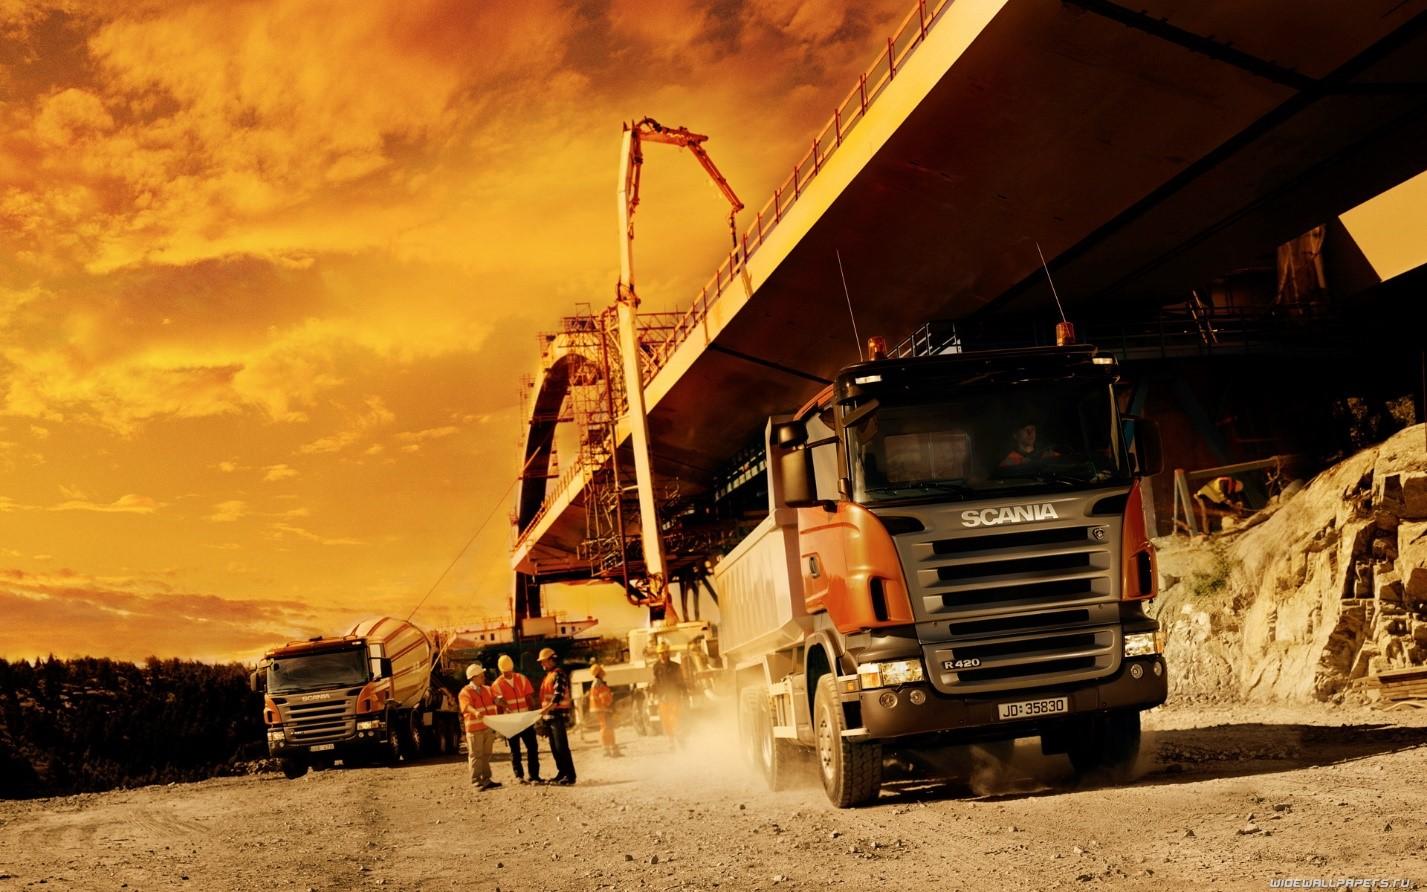 Аренда грузовика, основные функции грузовиков